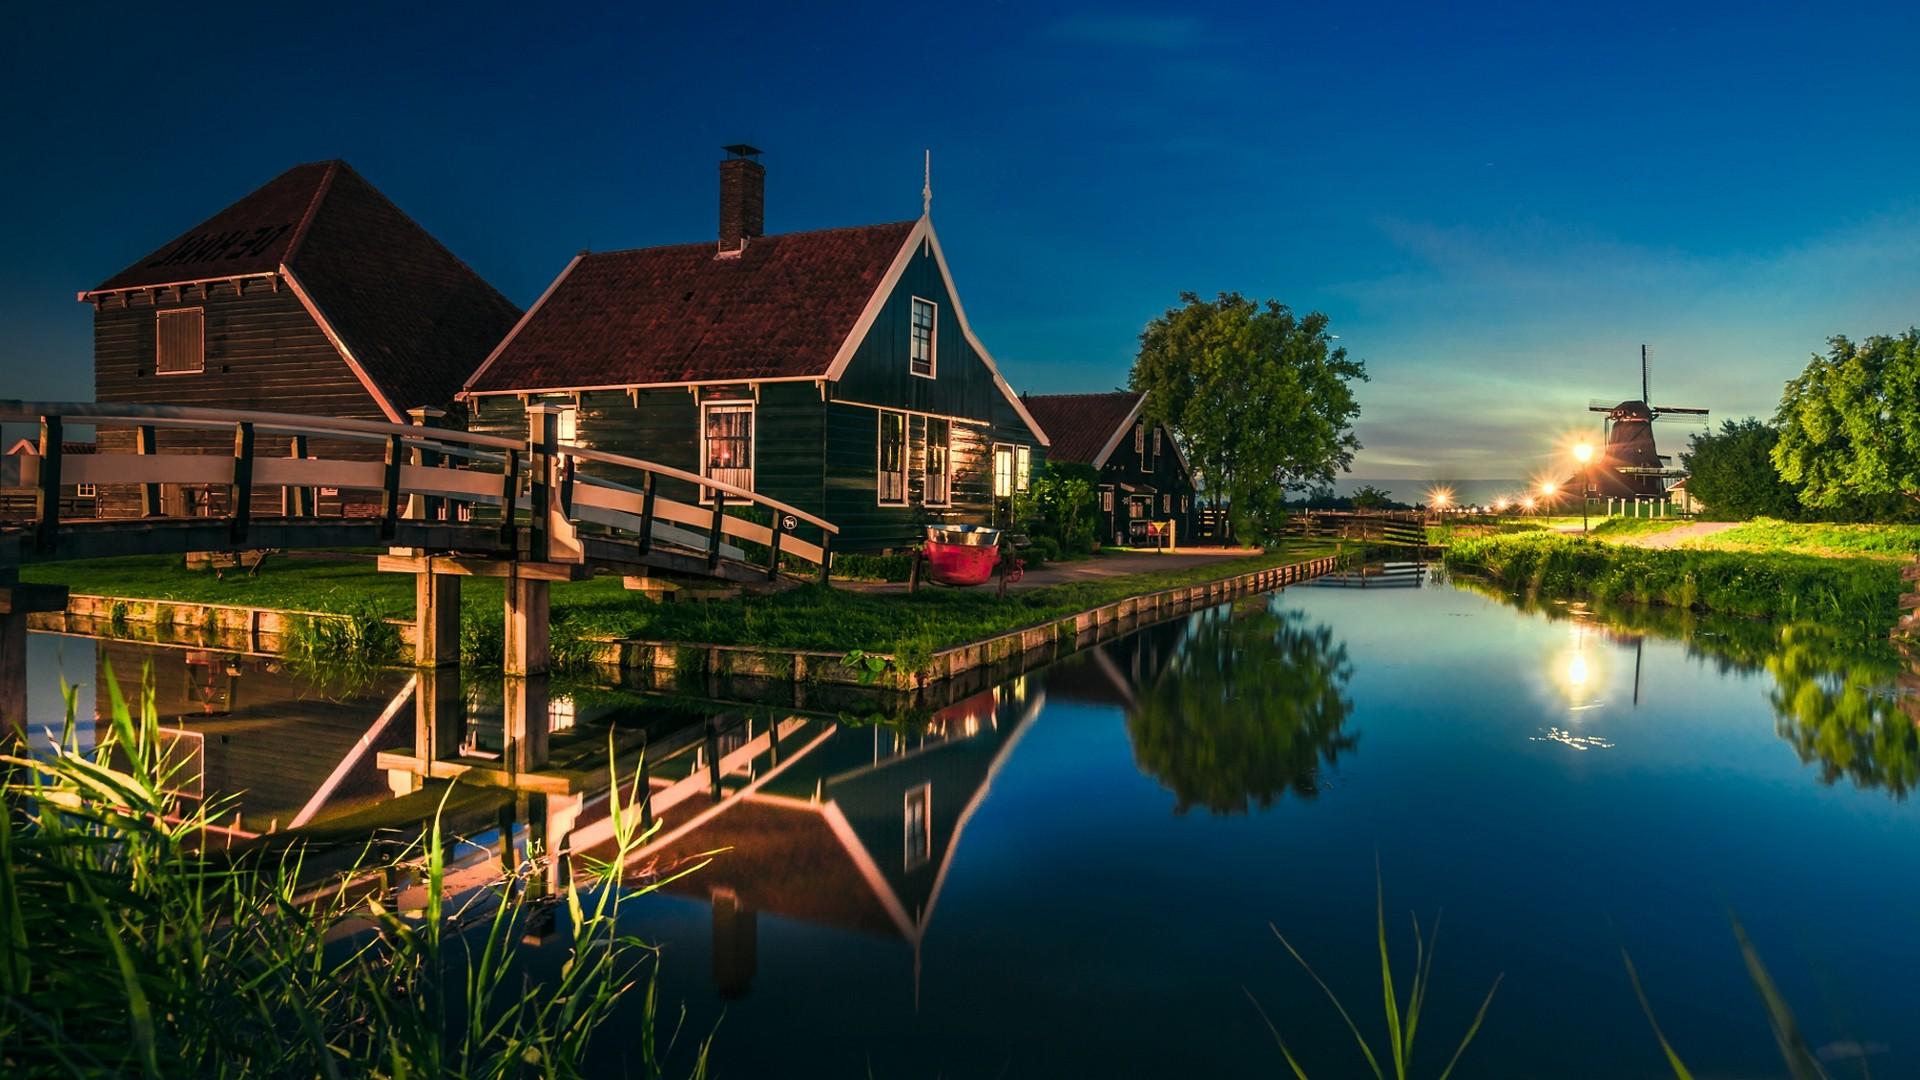 Hd wallpaper europe - Nature Landscape Canal House Bridge Water Lantern Reflection Netherlands Trees Grass Lights Blue Europe Evening Zaanse Schans Wallpaper Hd